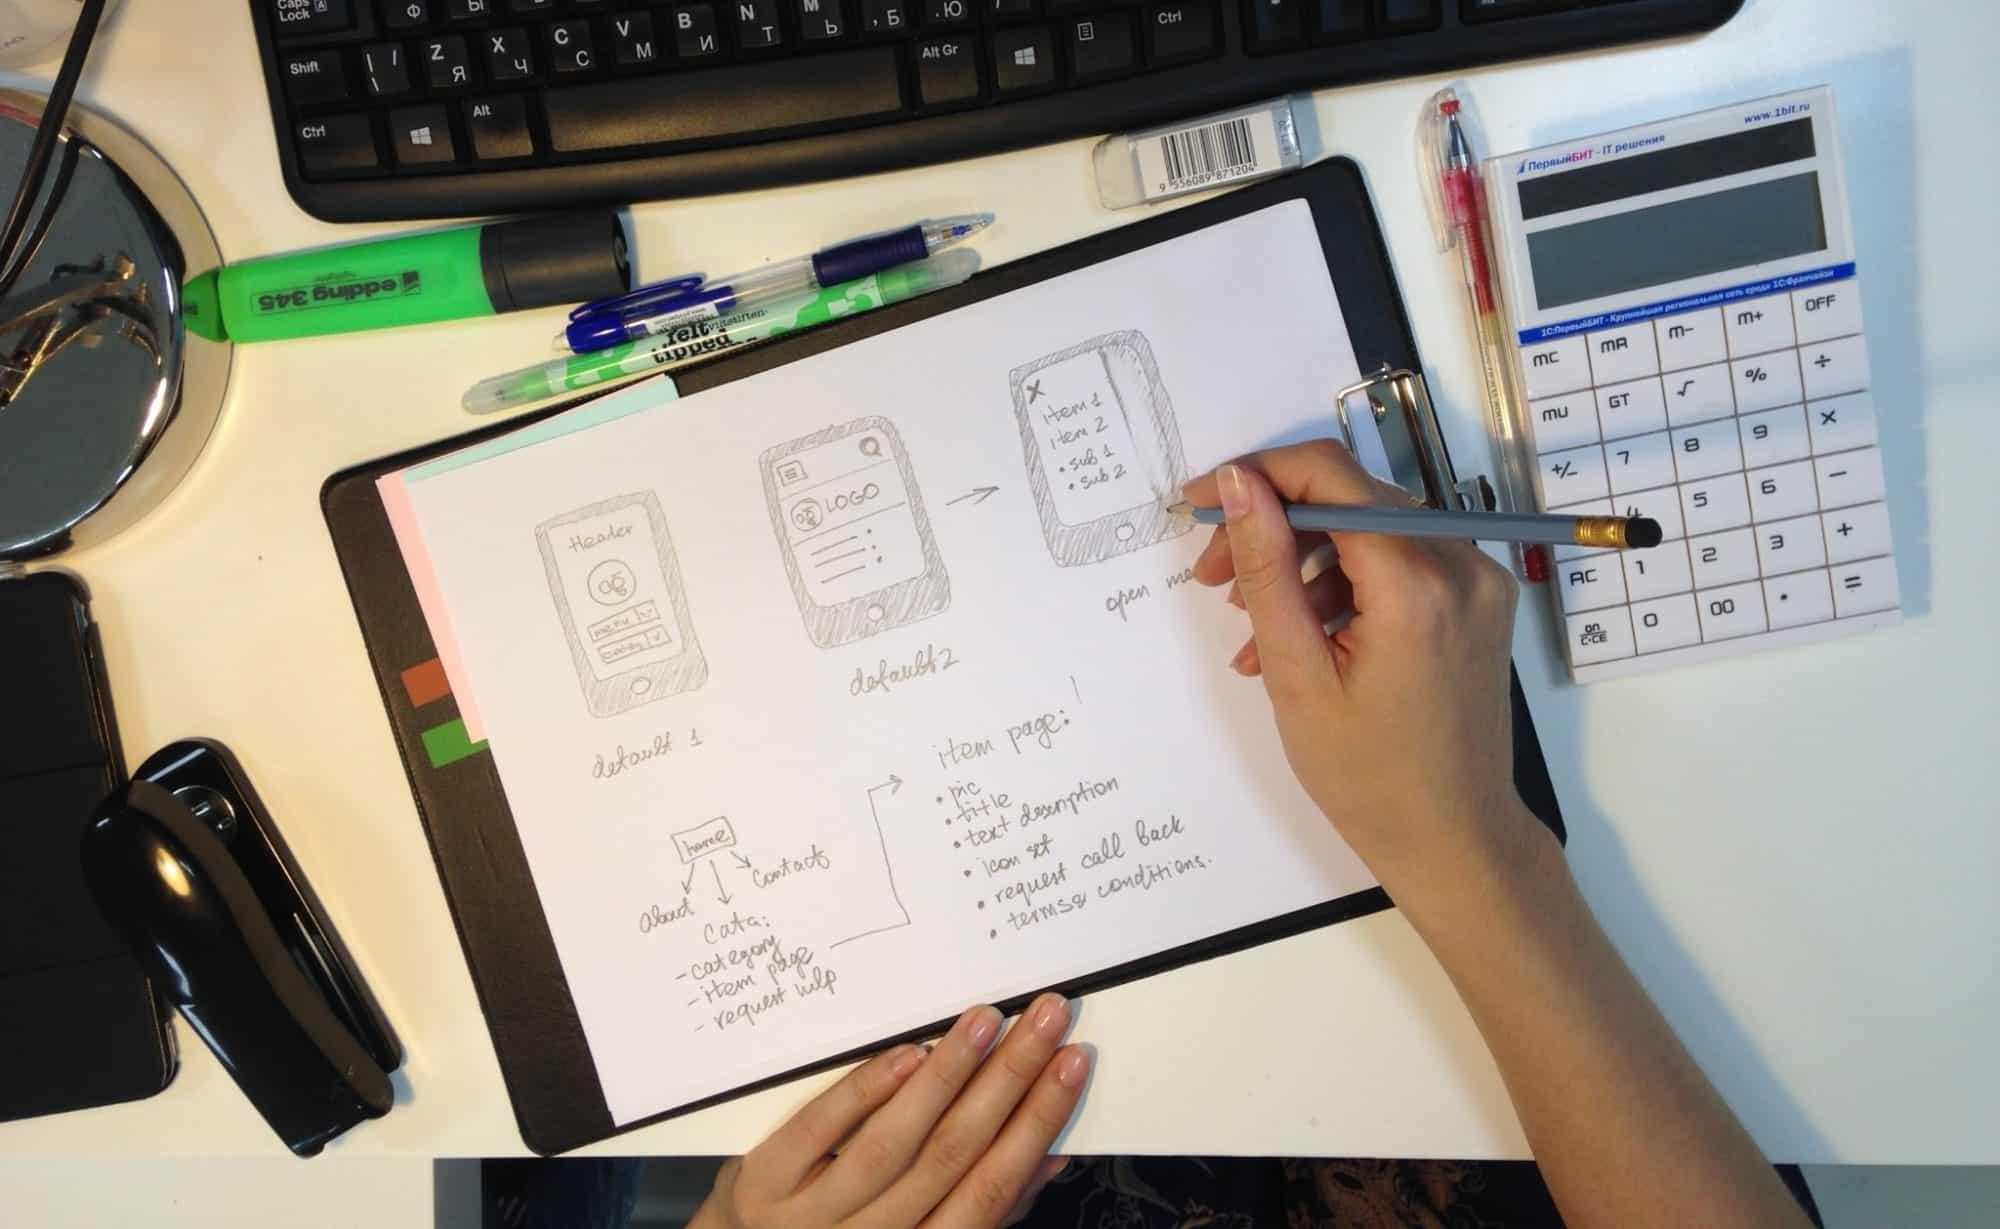 ТЗ на дизайн интернет-магазина